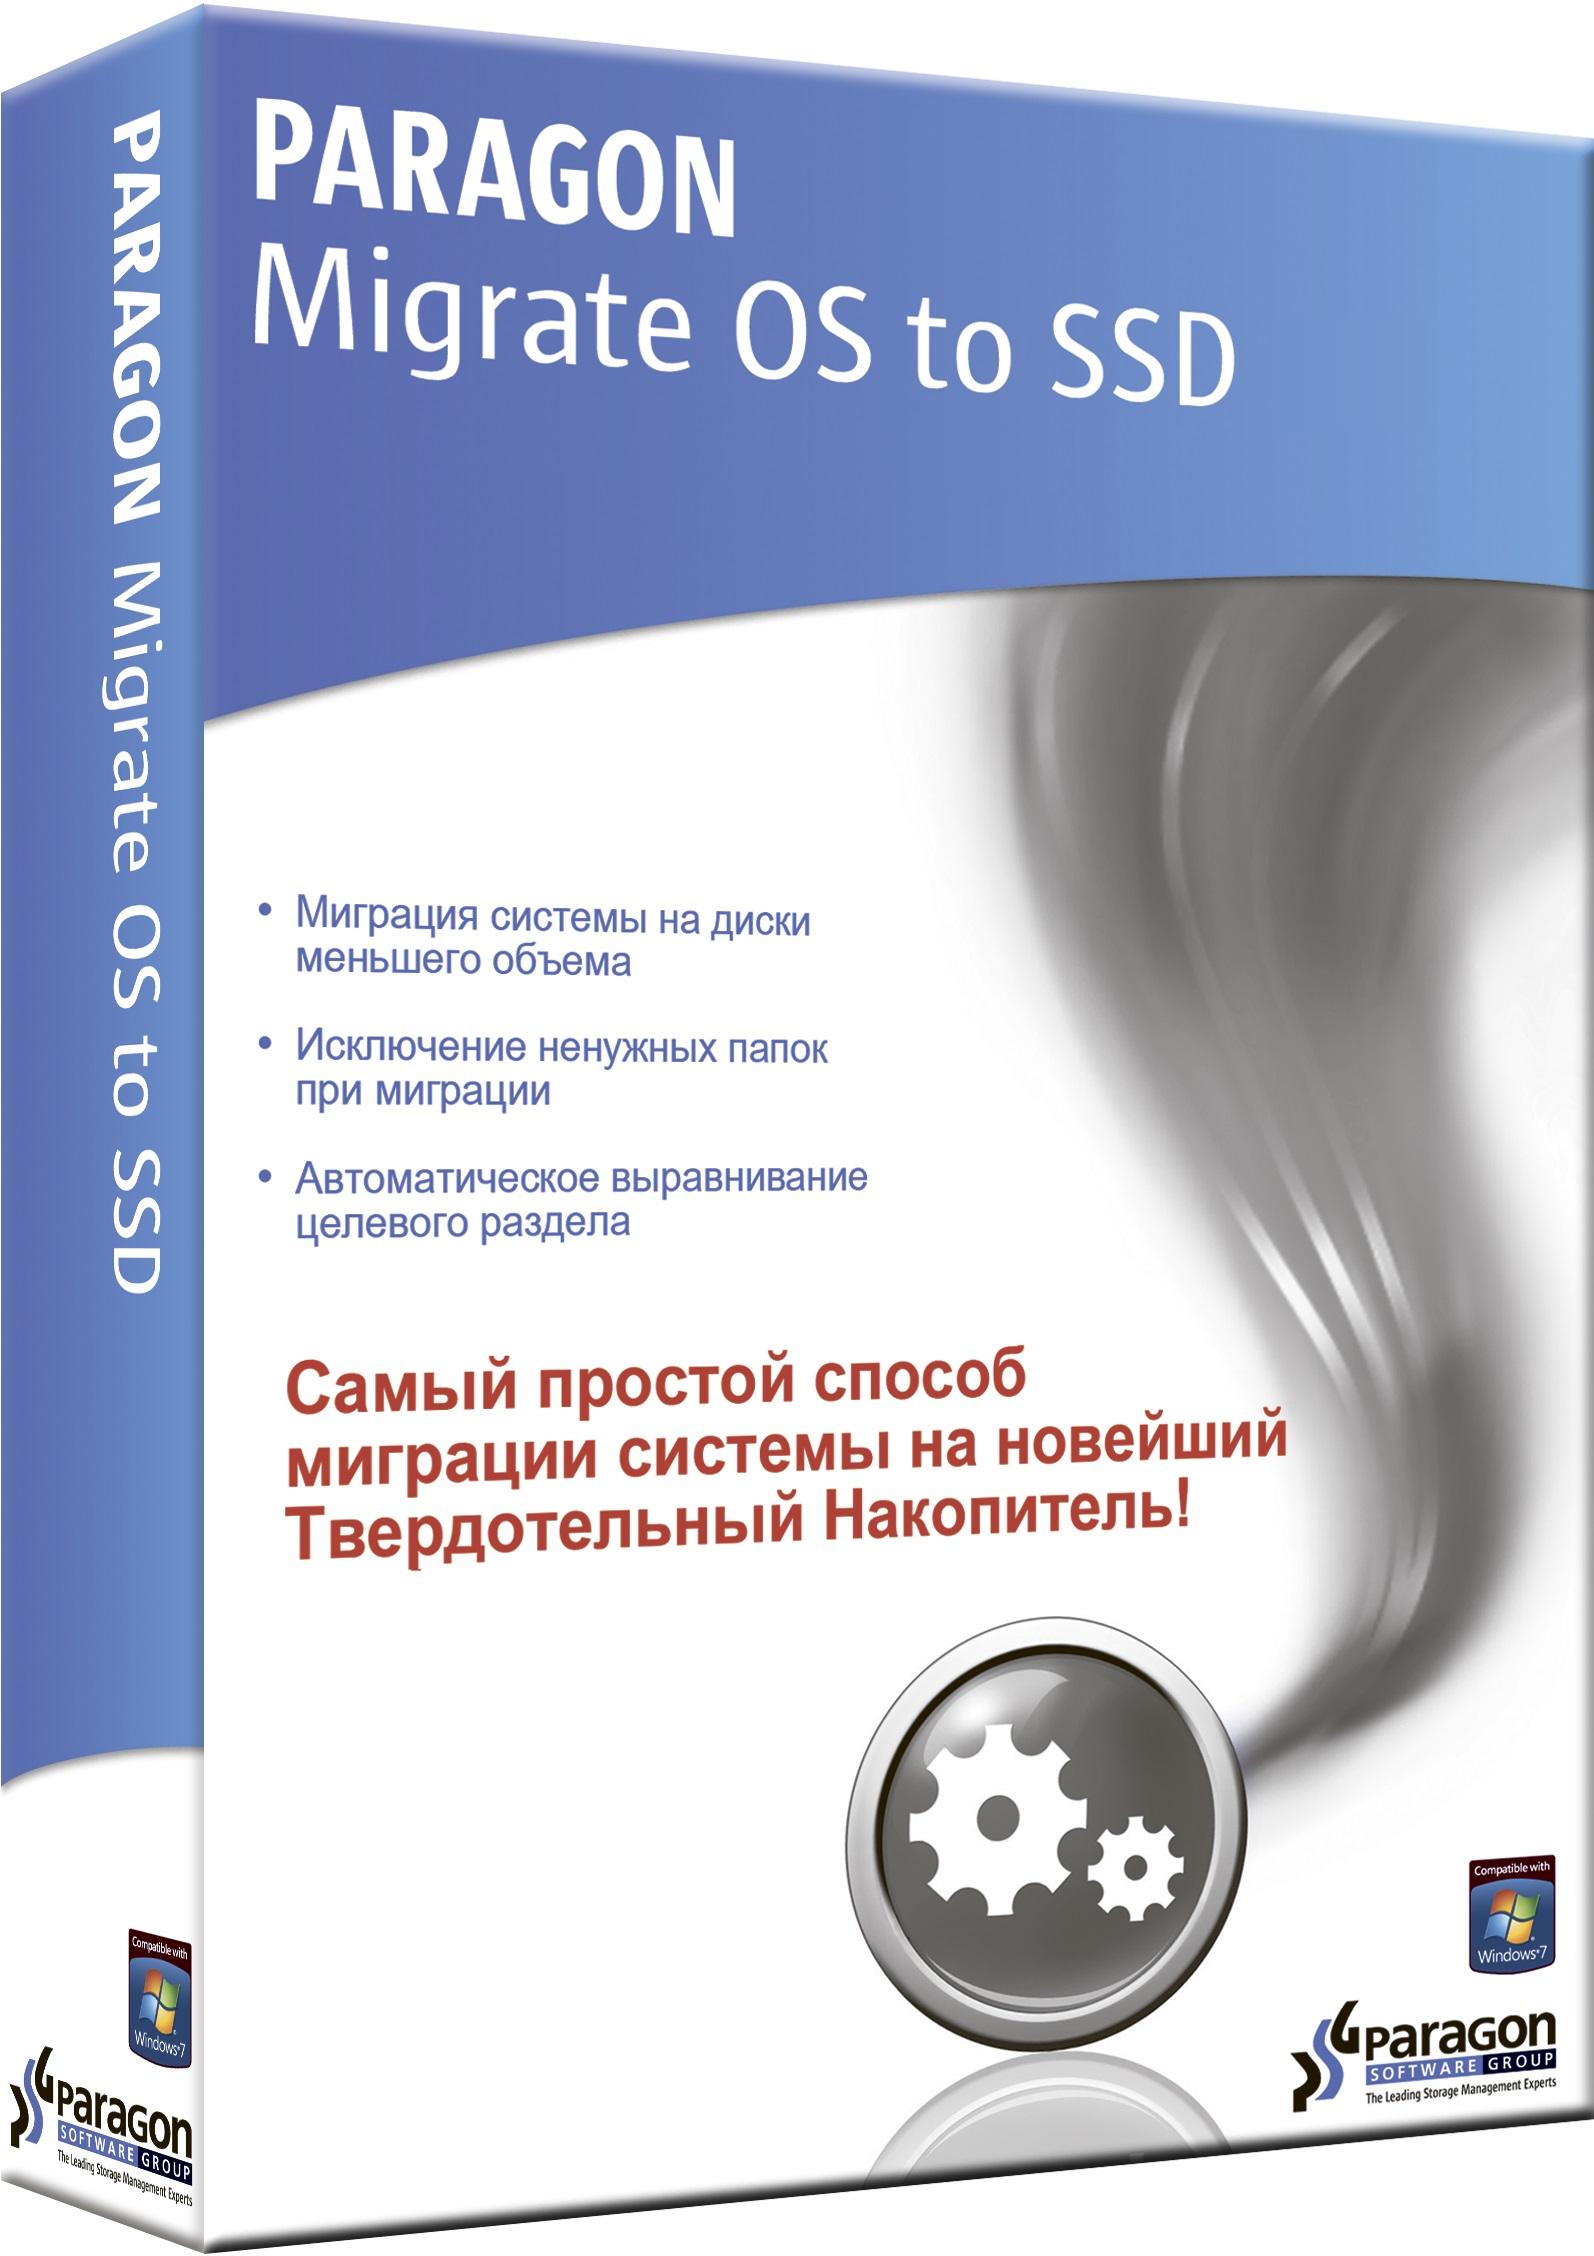 Paragon. Migrate OS to SSD (Цифровая версия)Paragon. Migrate OS to SSD – первая утилита, созданная специально для миграции системного раздела вашего компьютера на новейшие твердотельные накопители Solid State Drive (SSD).<br>